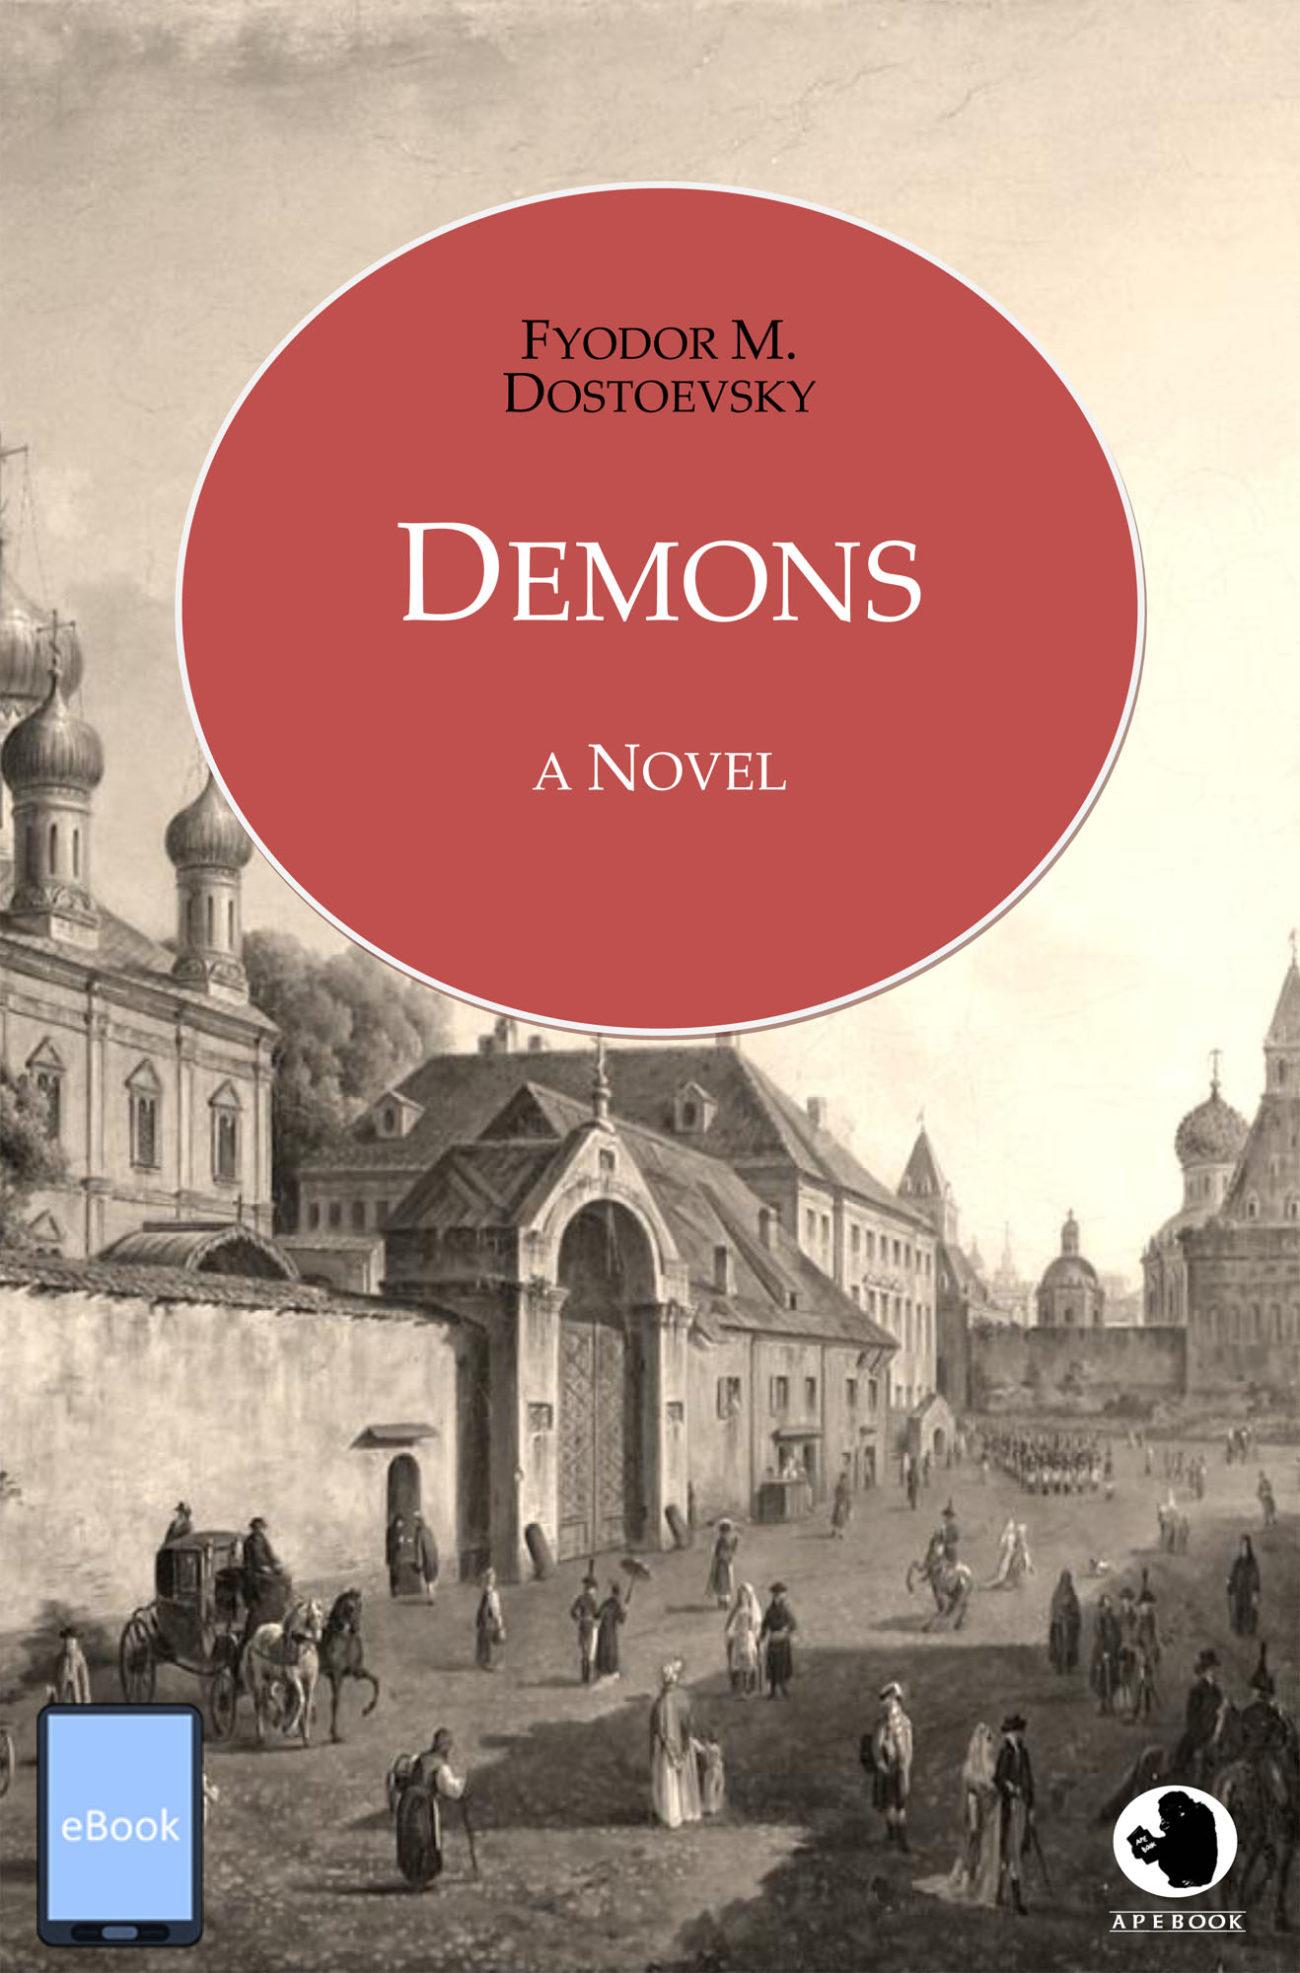 Dostoevsky: Demons (eBook)